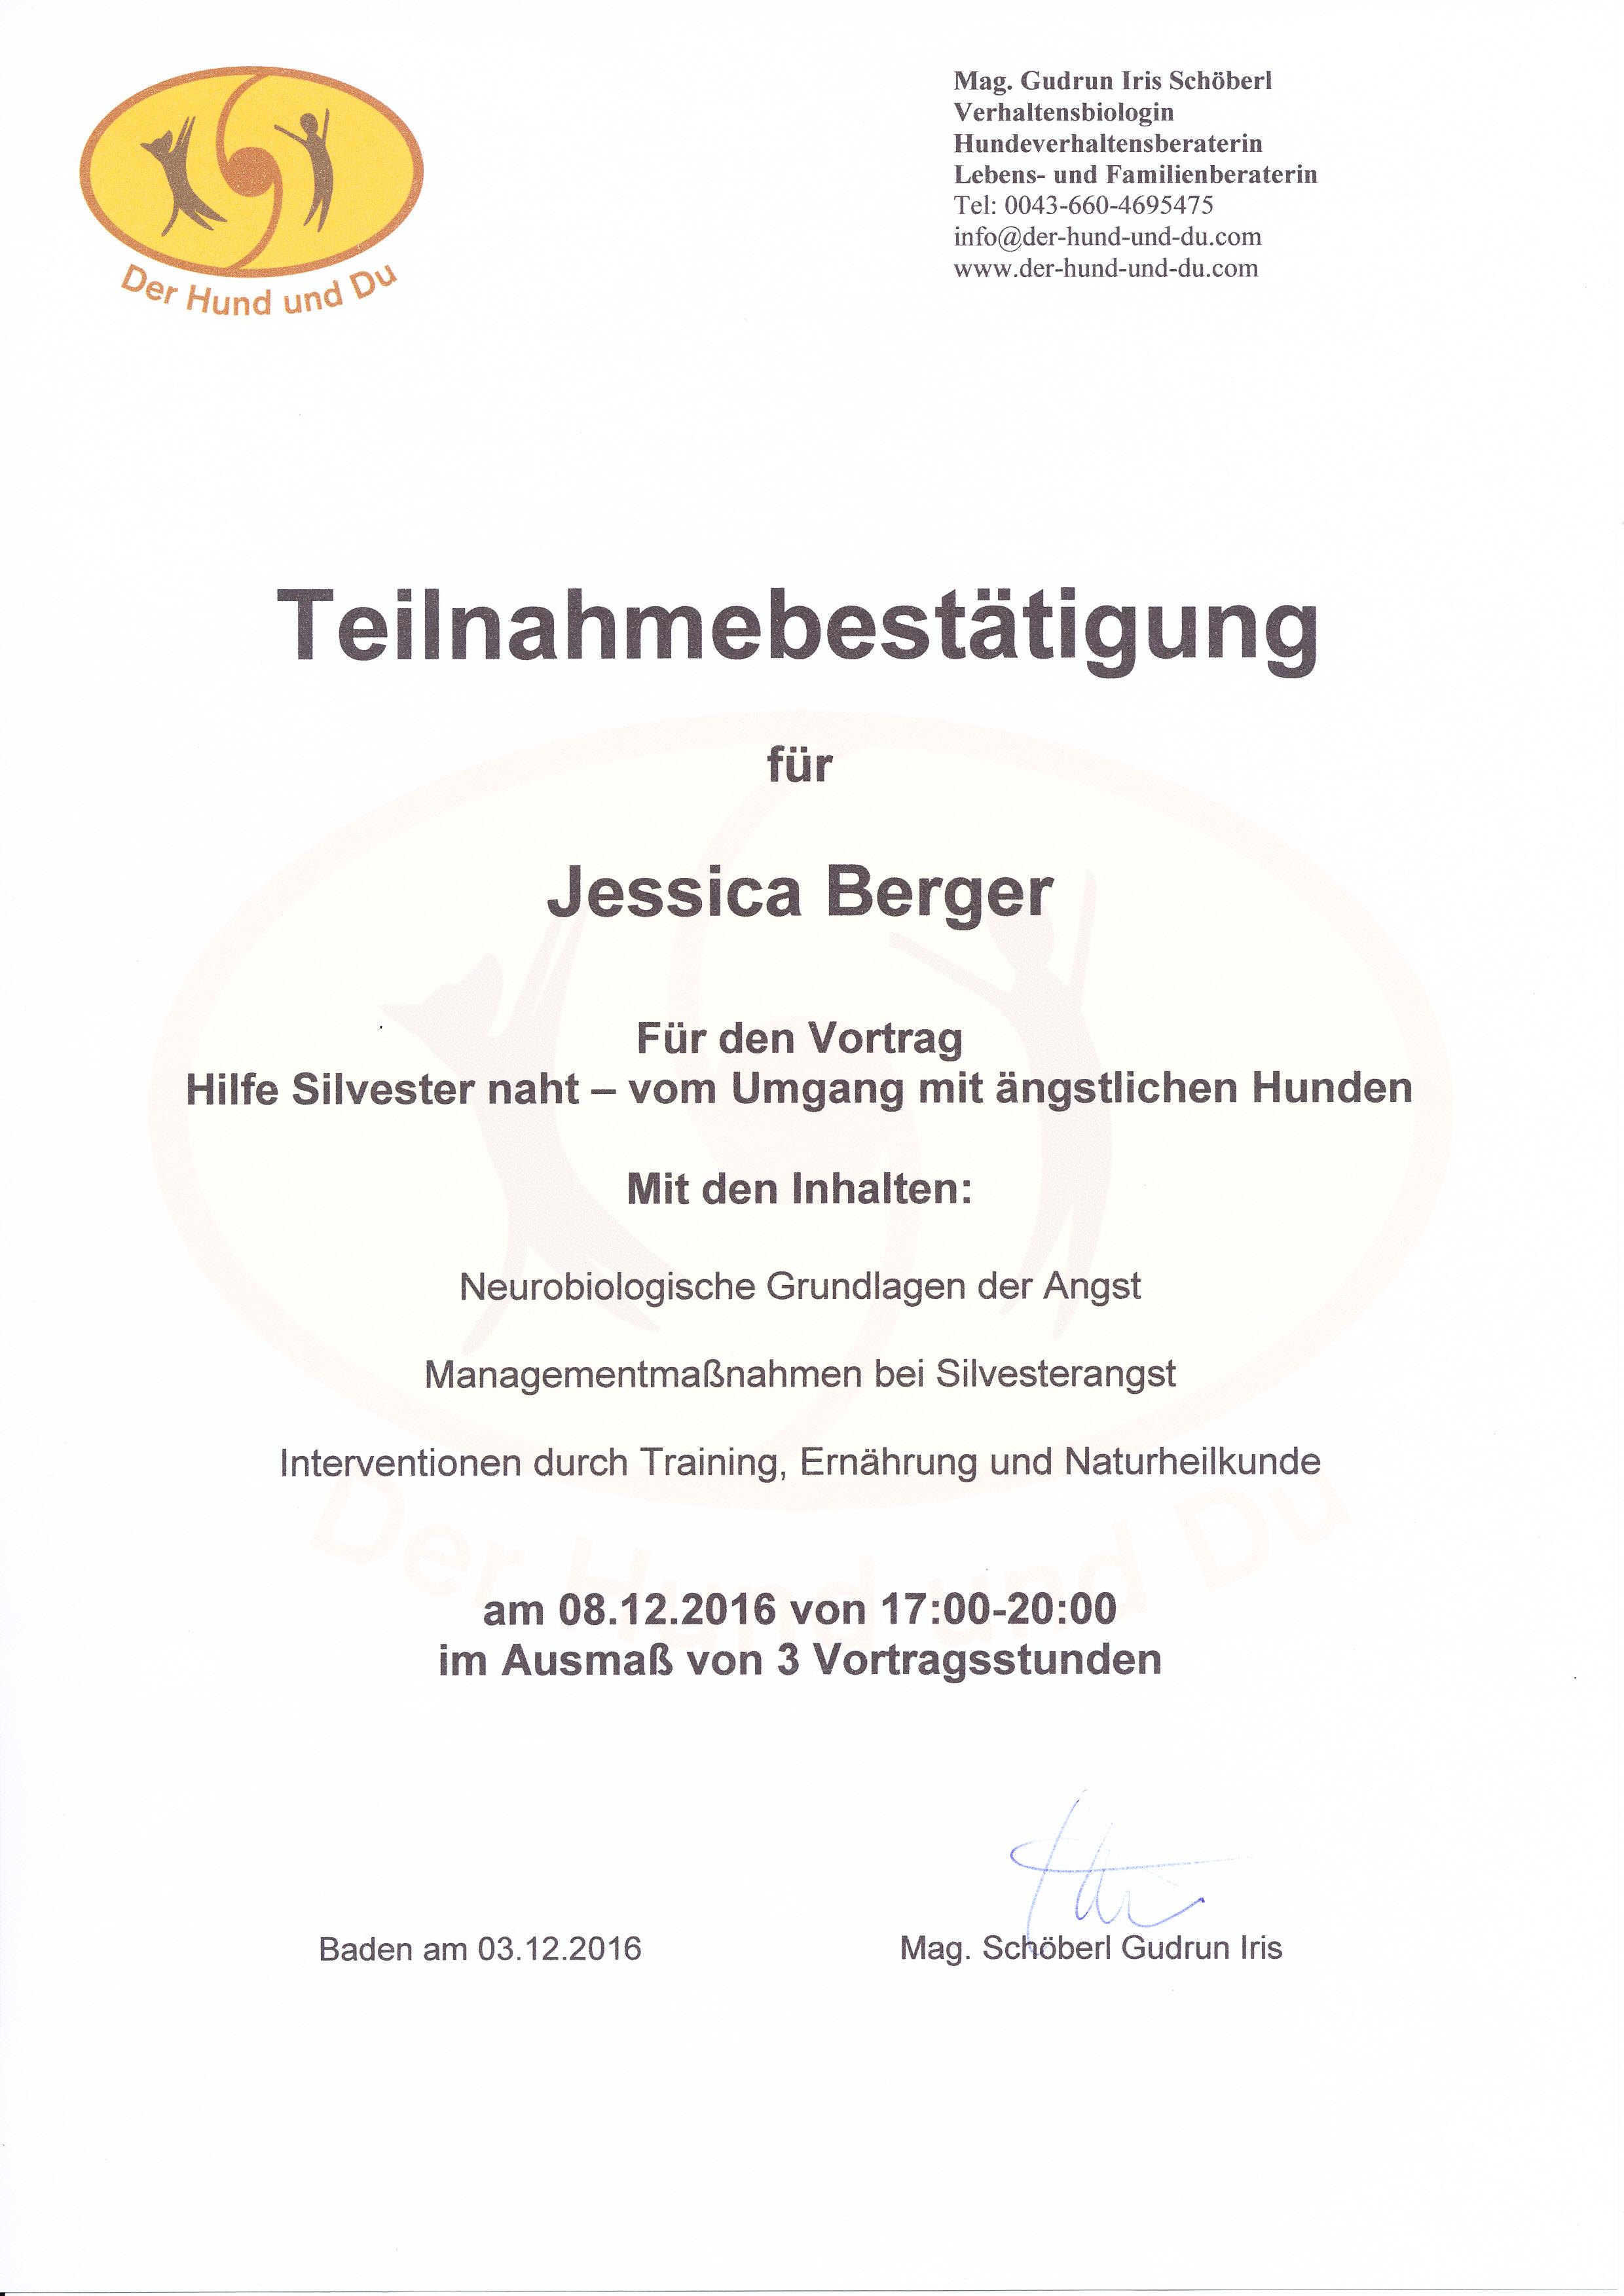 Hilfe, Silvester naht - Iris Schöberl